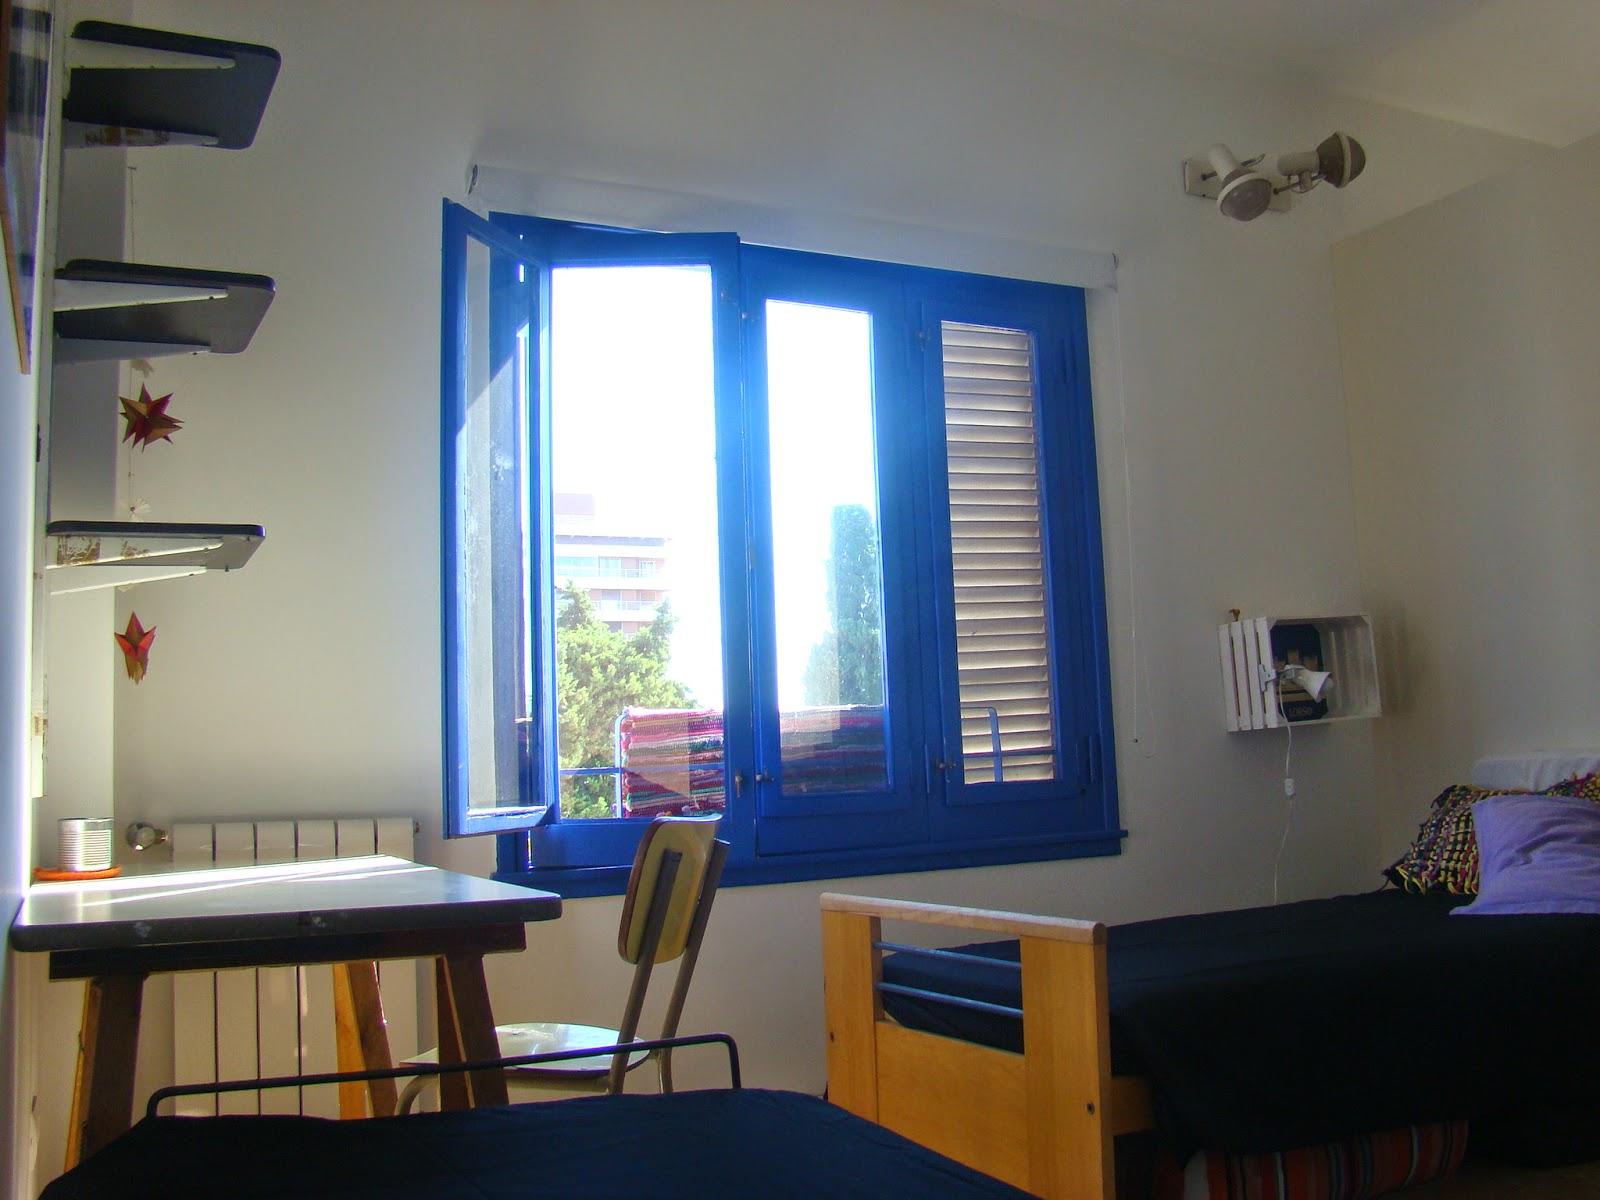 Casa taller manzone hostel habitaciones para alquilar for Para alquilar habitaciones